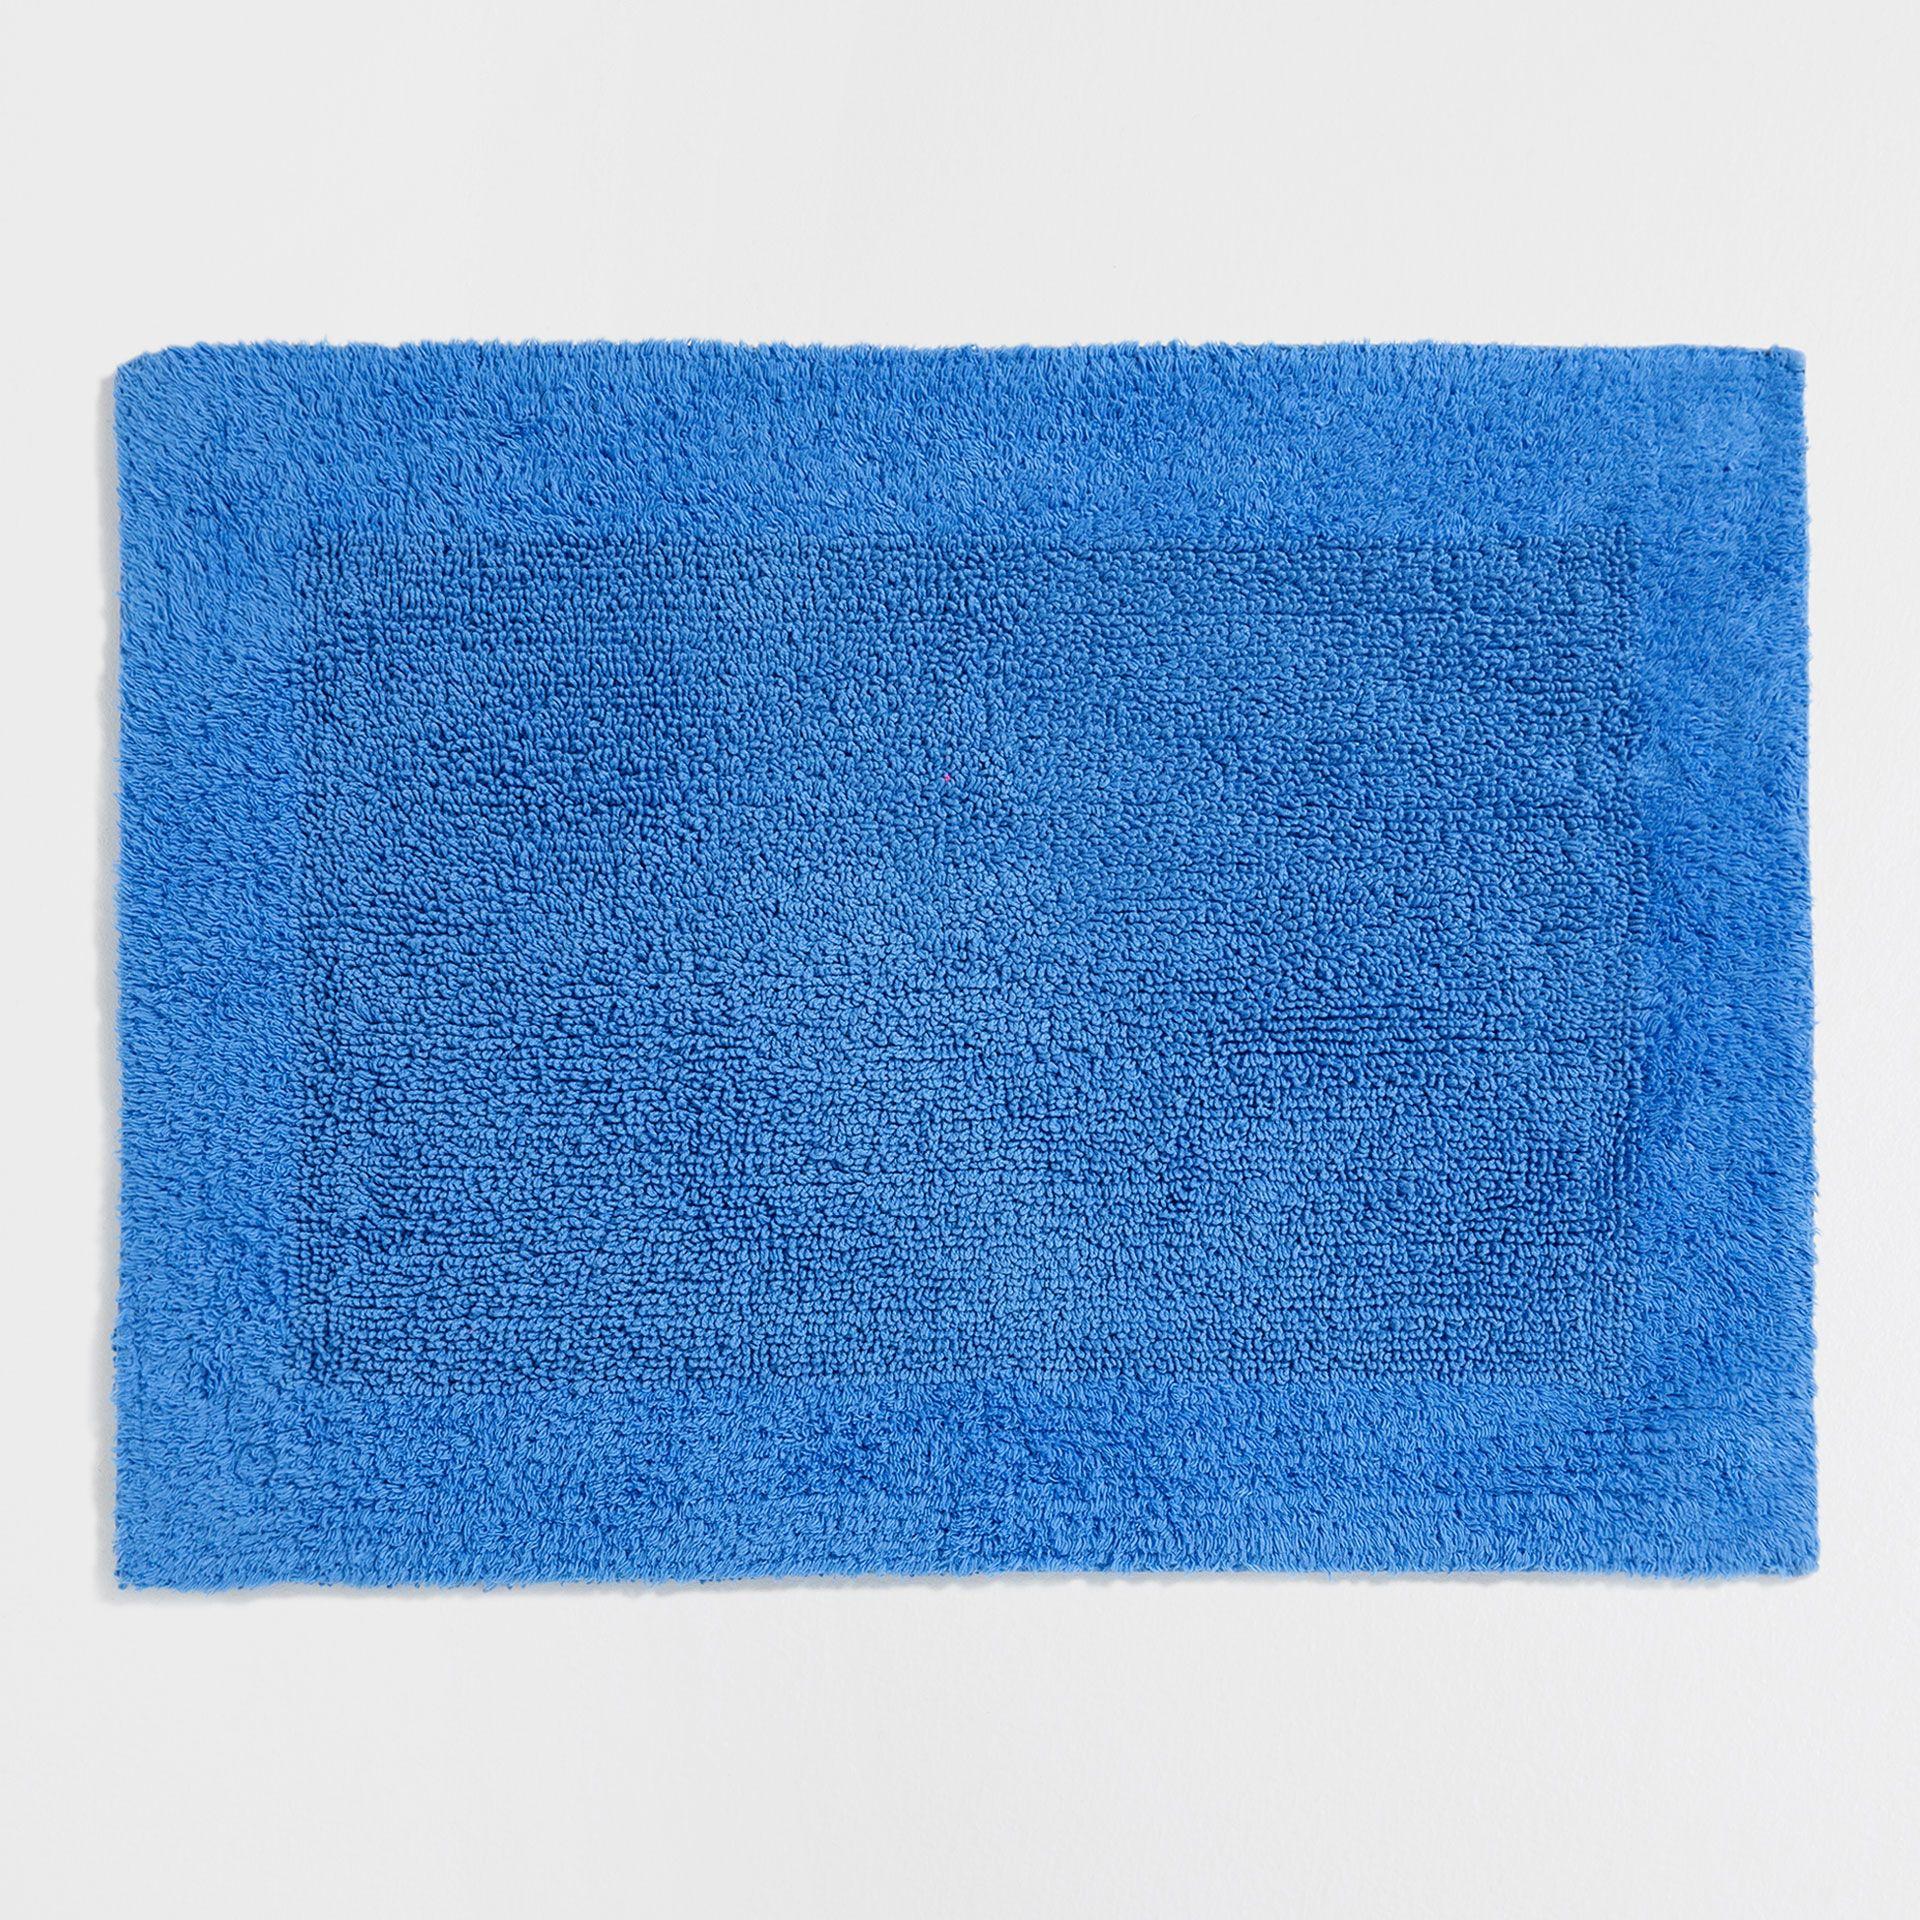 Ürün görseli 1 Çerçeveli, çift taraflı mavi banyo paspası | deco, Badezimmer ideen